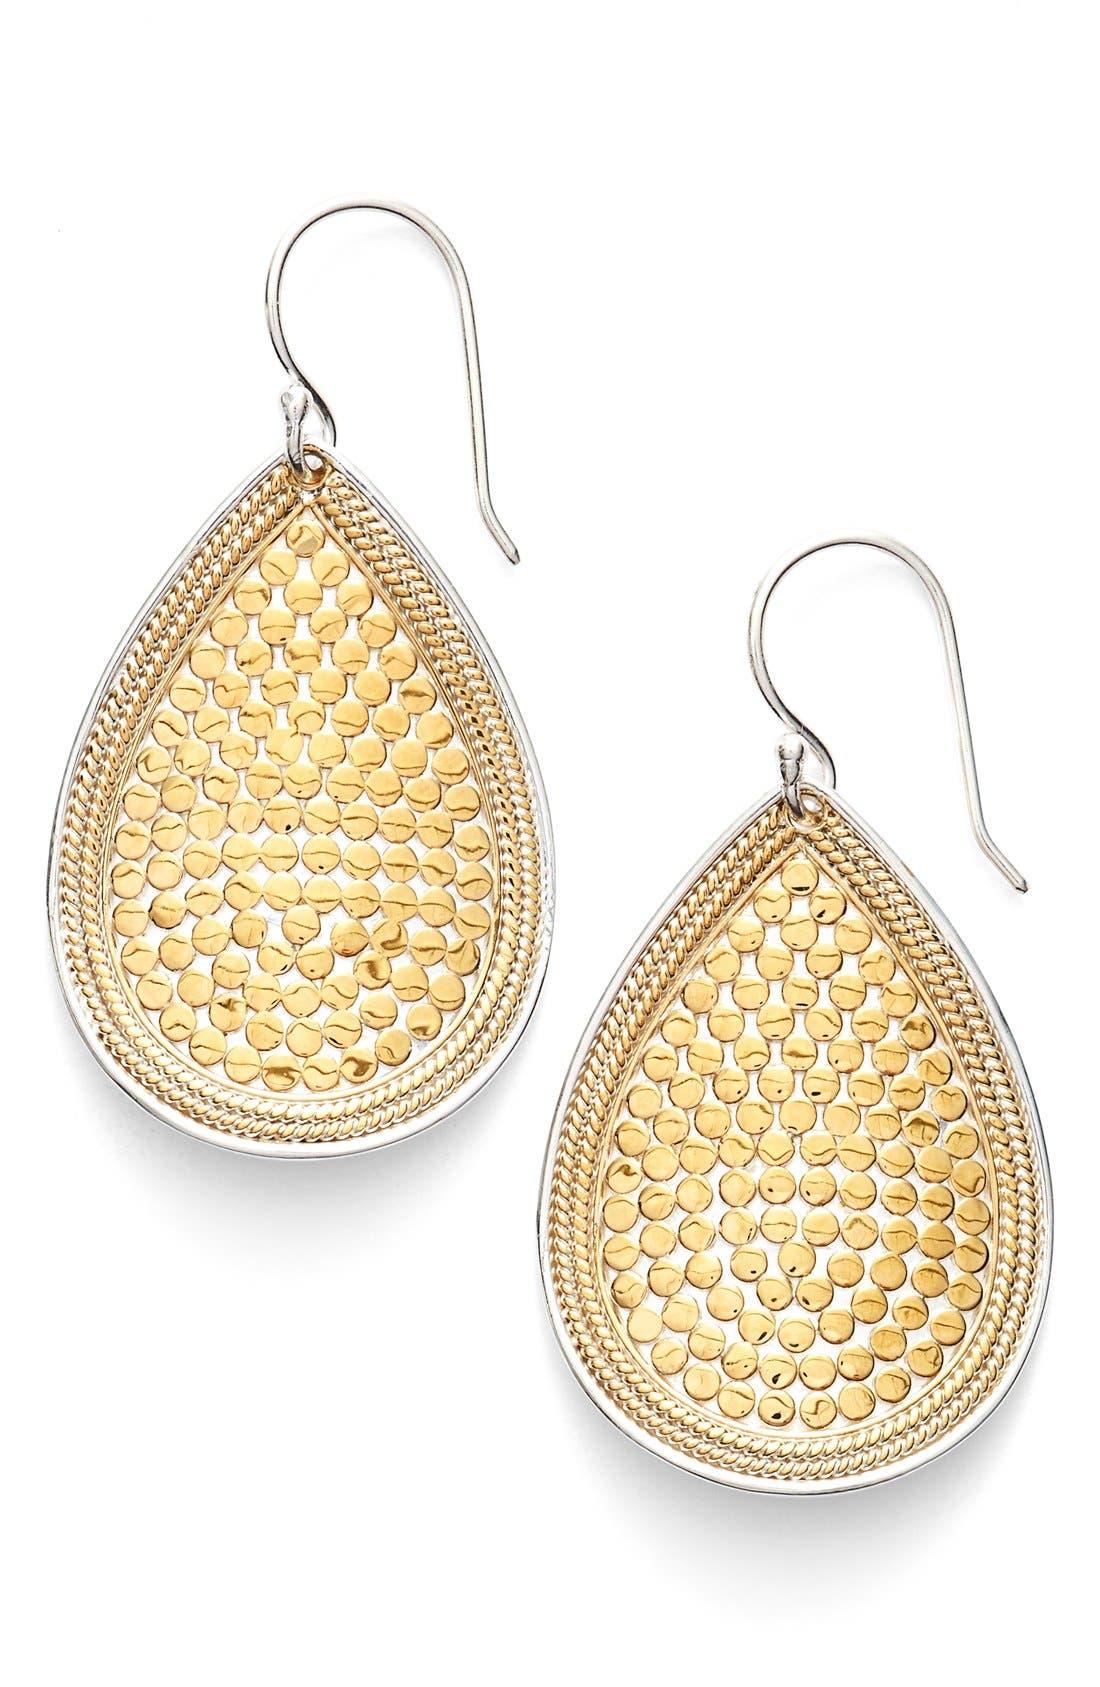 Gili Teardrop Earrings,                             Main thumbnail 1, color,                             Gold/ Silver